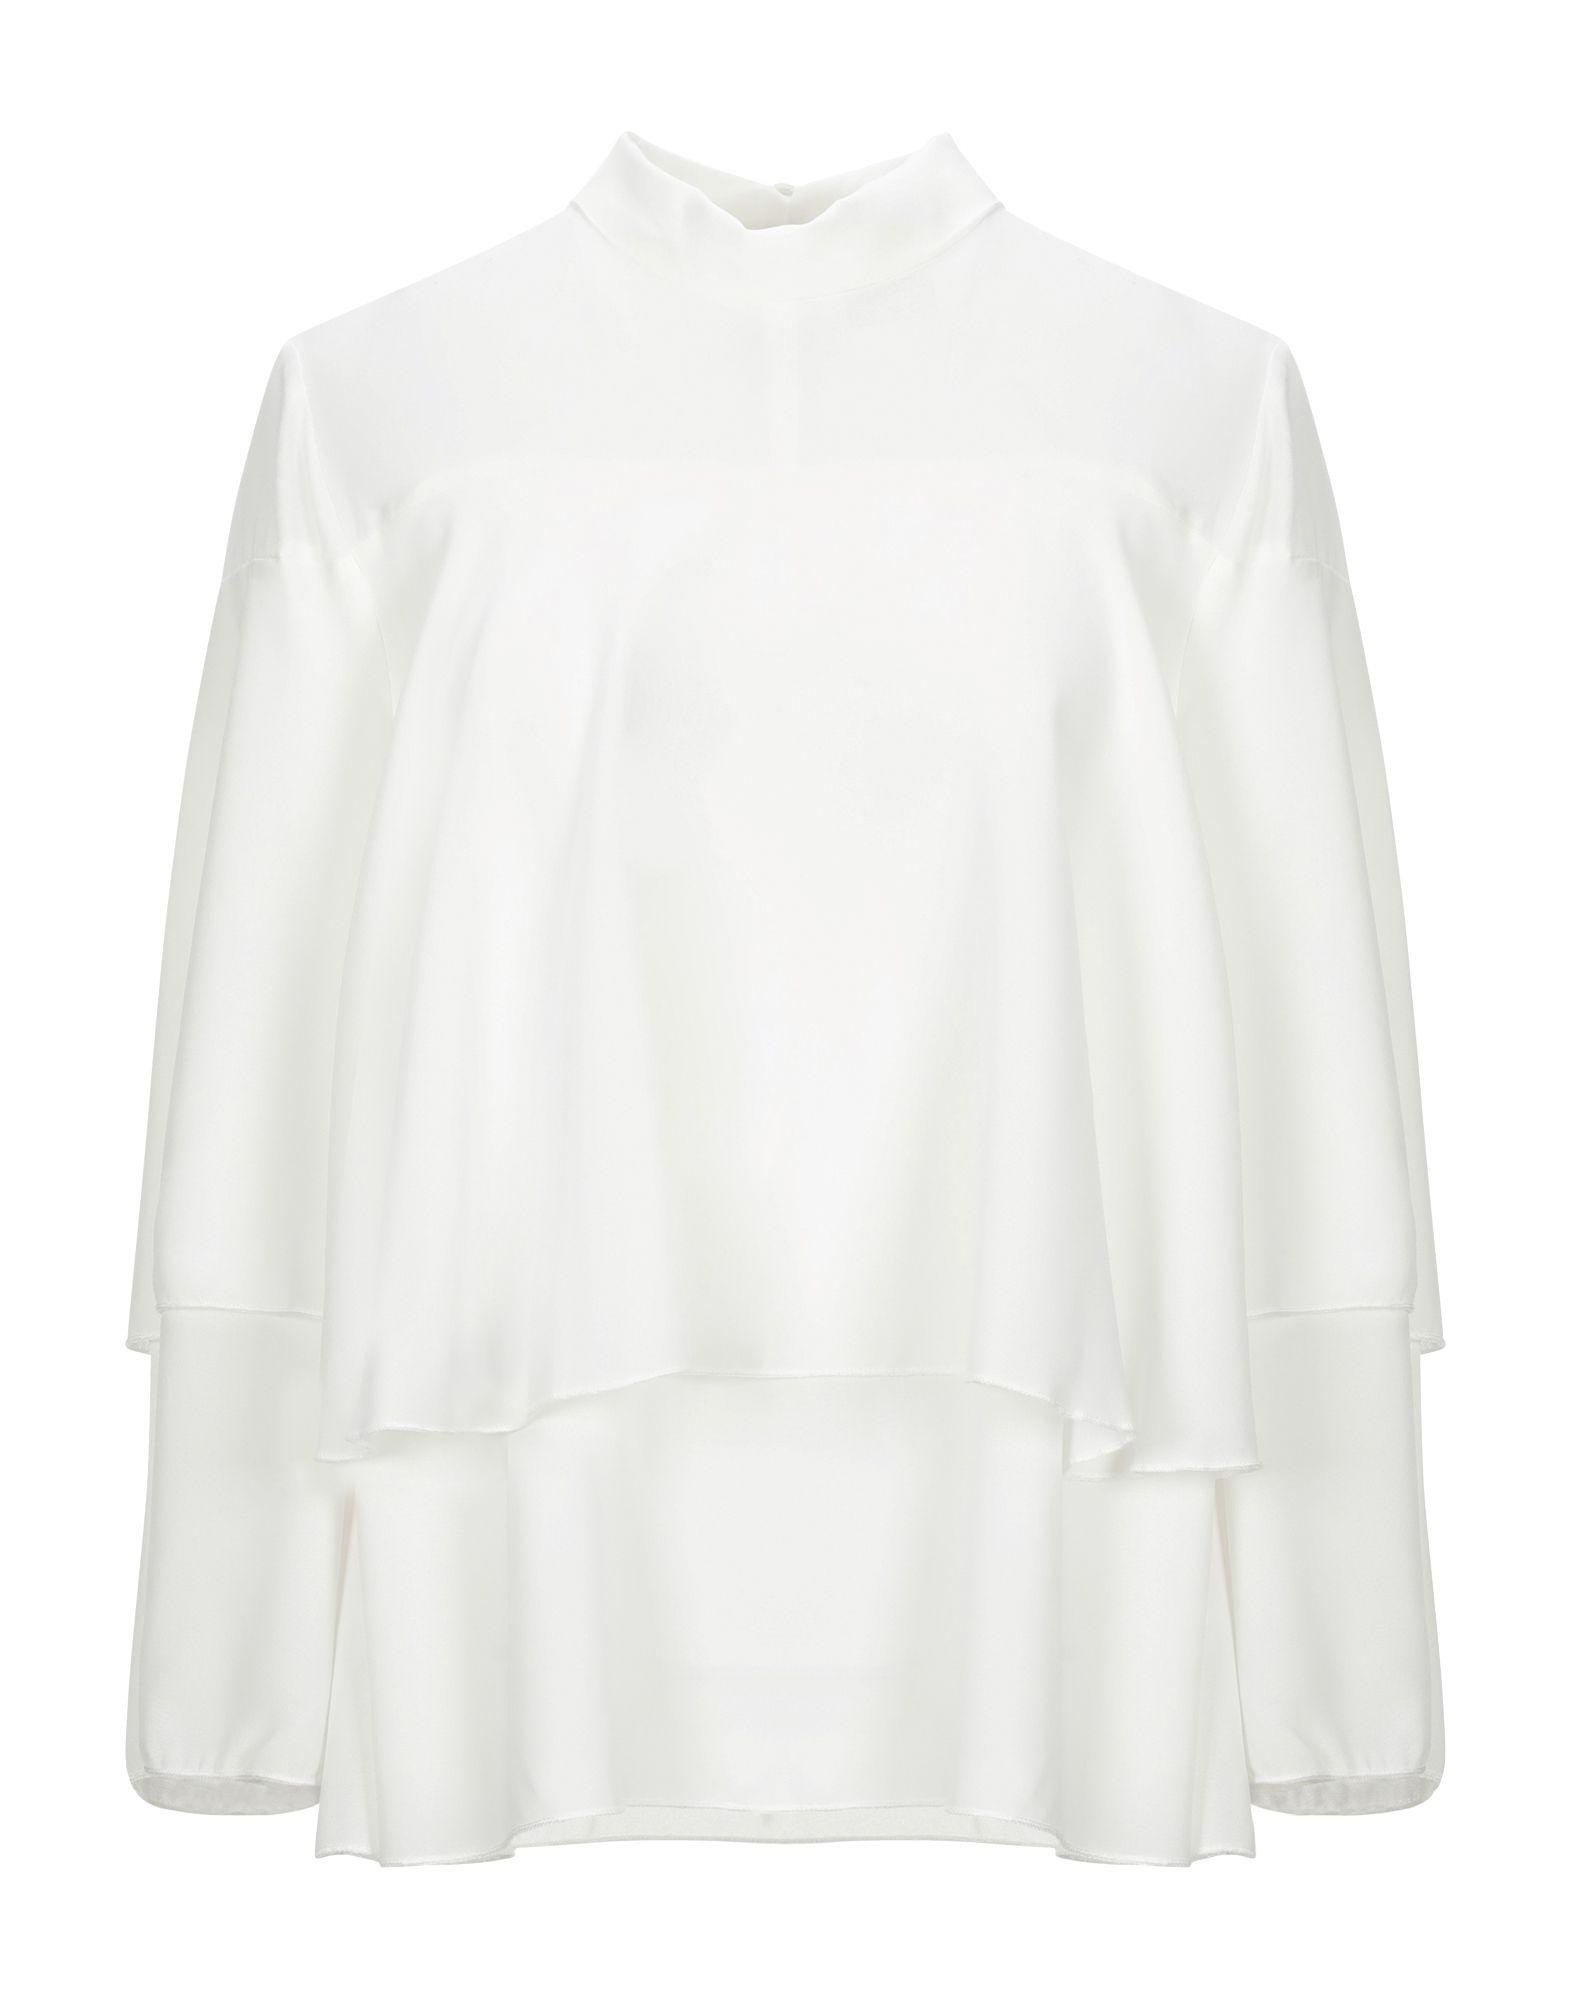 SELECTED FEMME Блузка пальто selected femme selected femme se781ewbrhc0